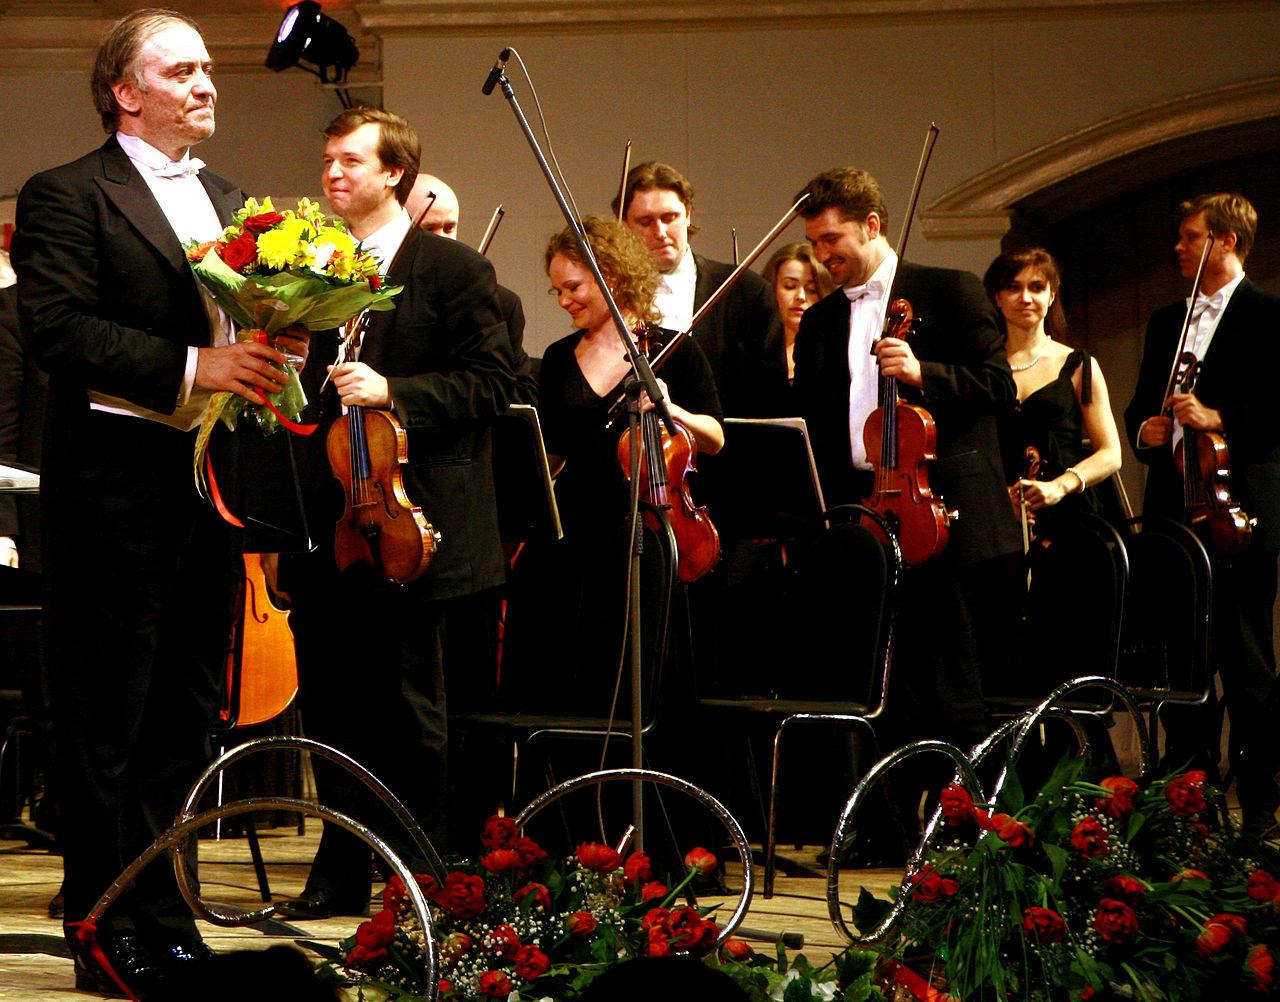 Валерий Гергиев, Мариинский театр в Санкт-Петербурге